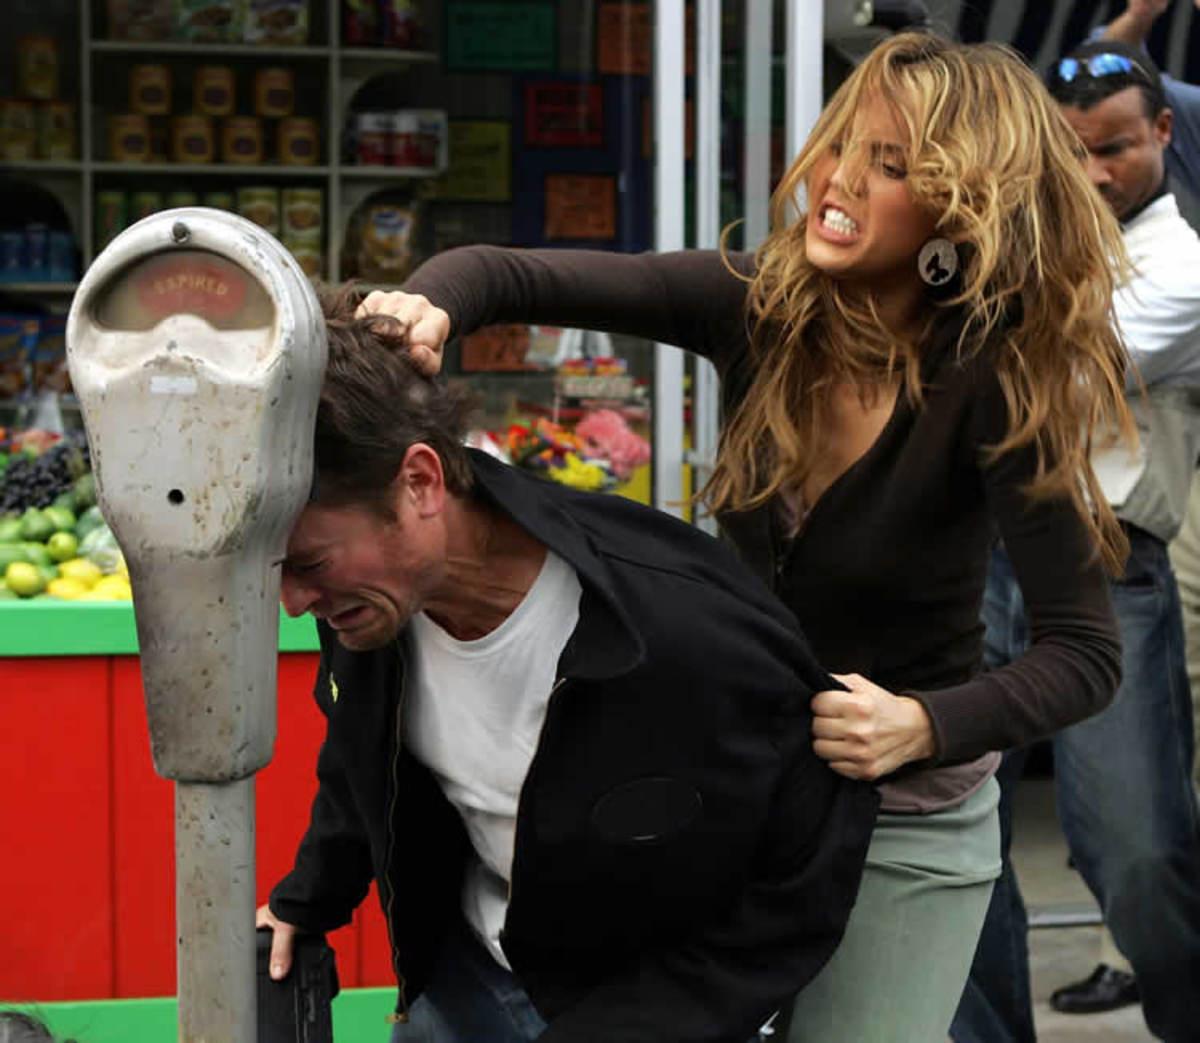 Jessica Alba has had enough of your crap!